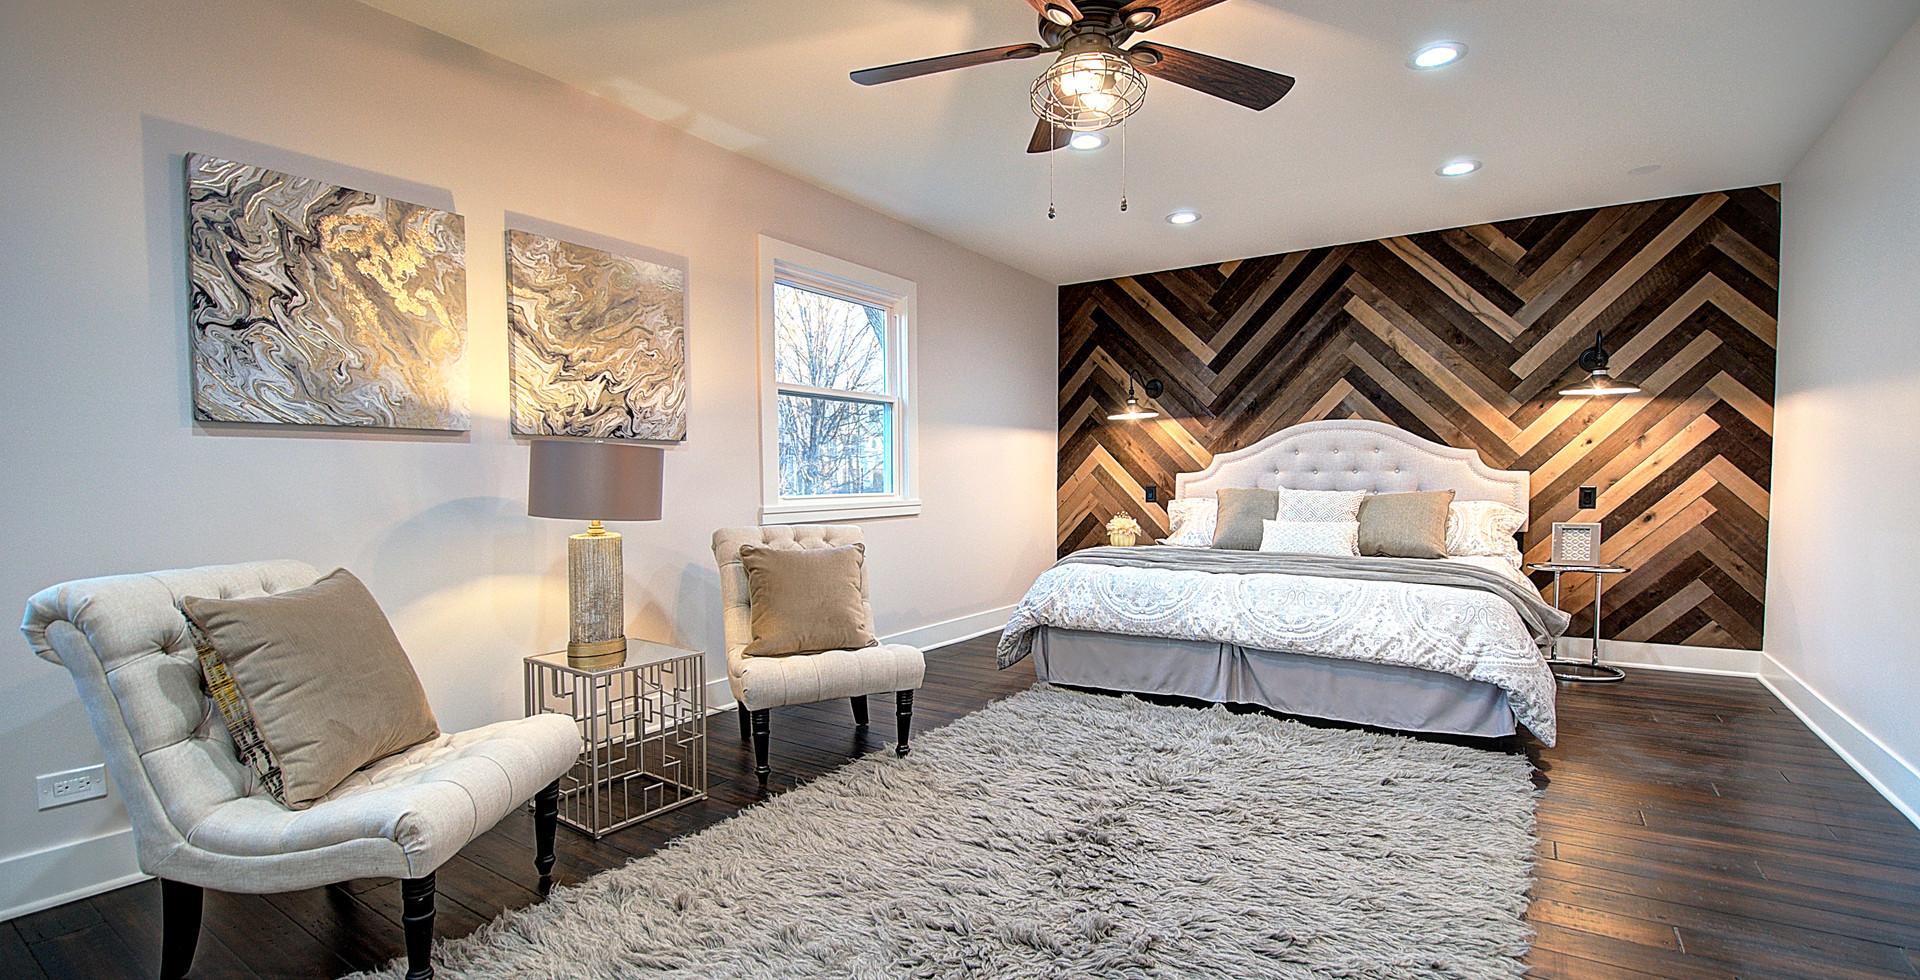 Bedroom in Oak Park designed by MRM Home Design.jpg